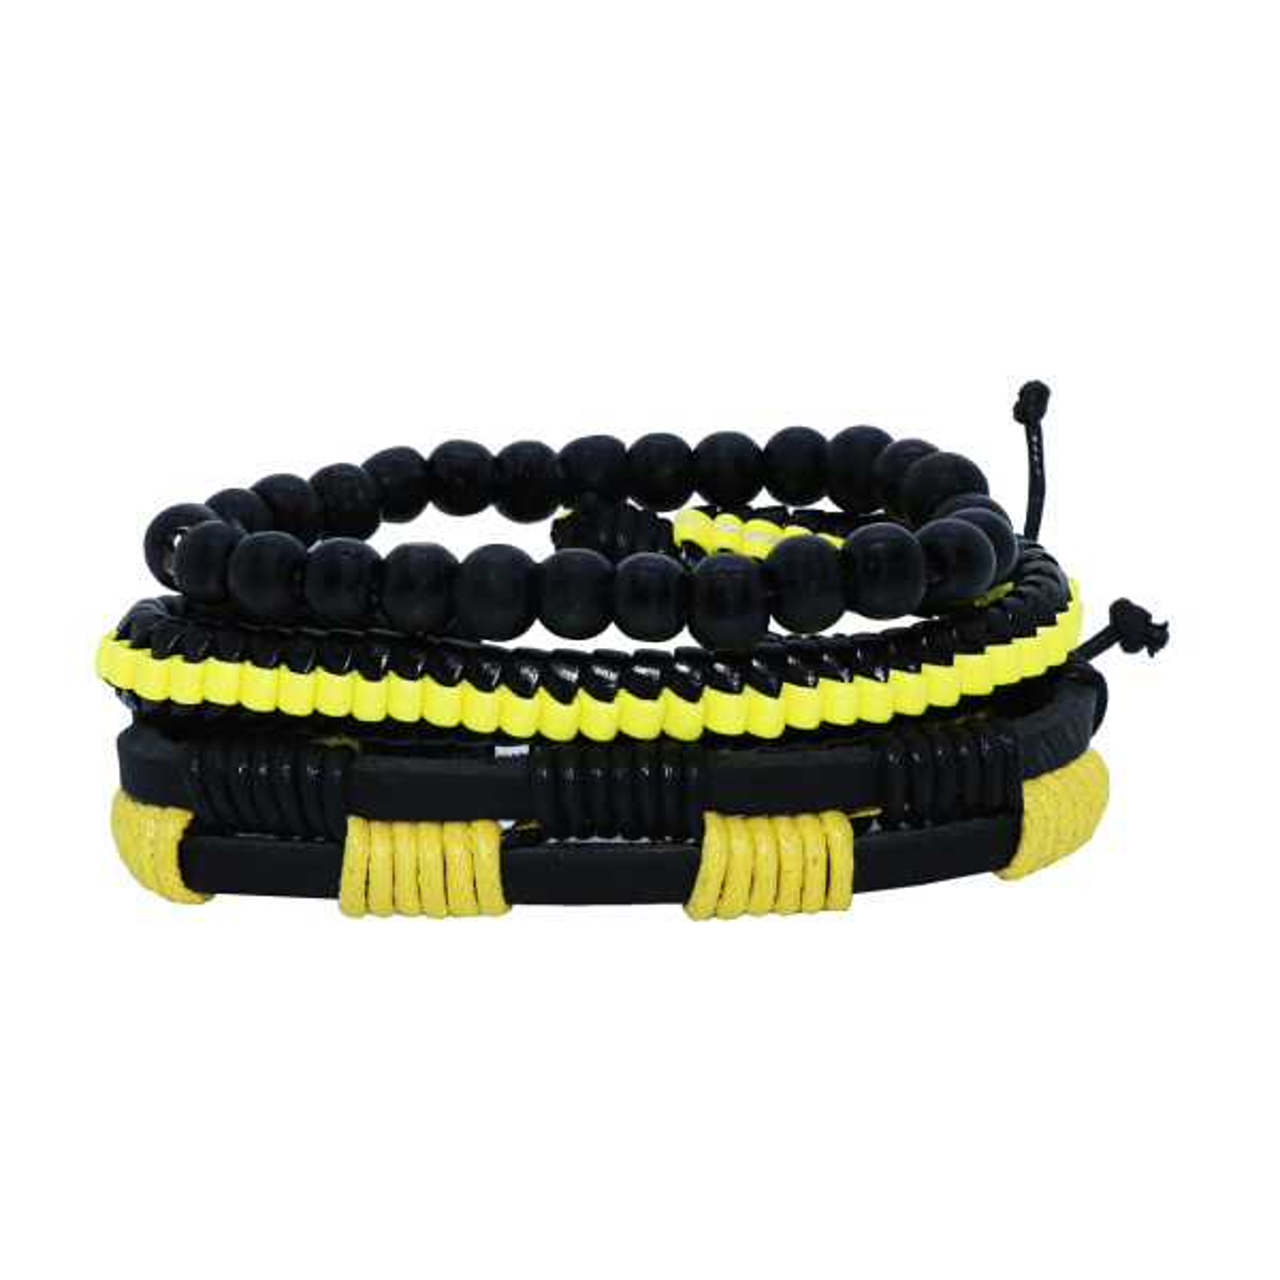 دستبند مردانه کد 063 مجموعه سه عددی سایز M